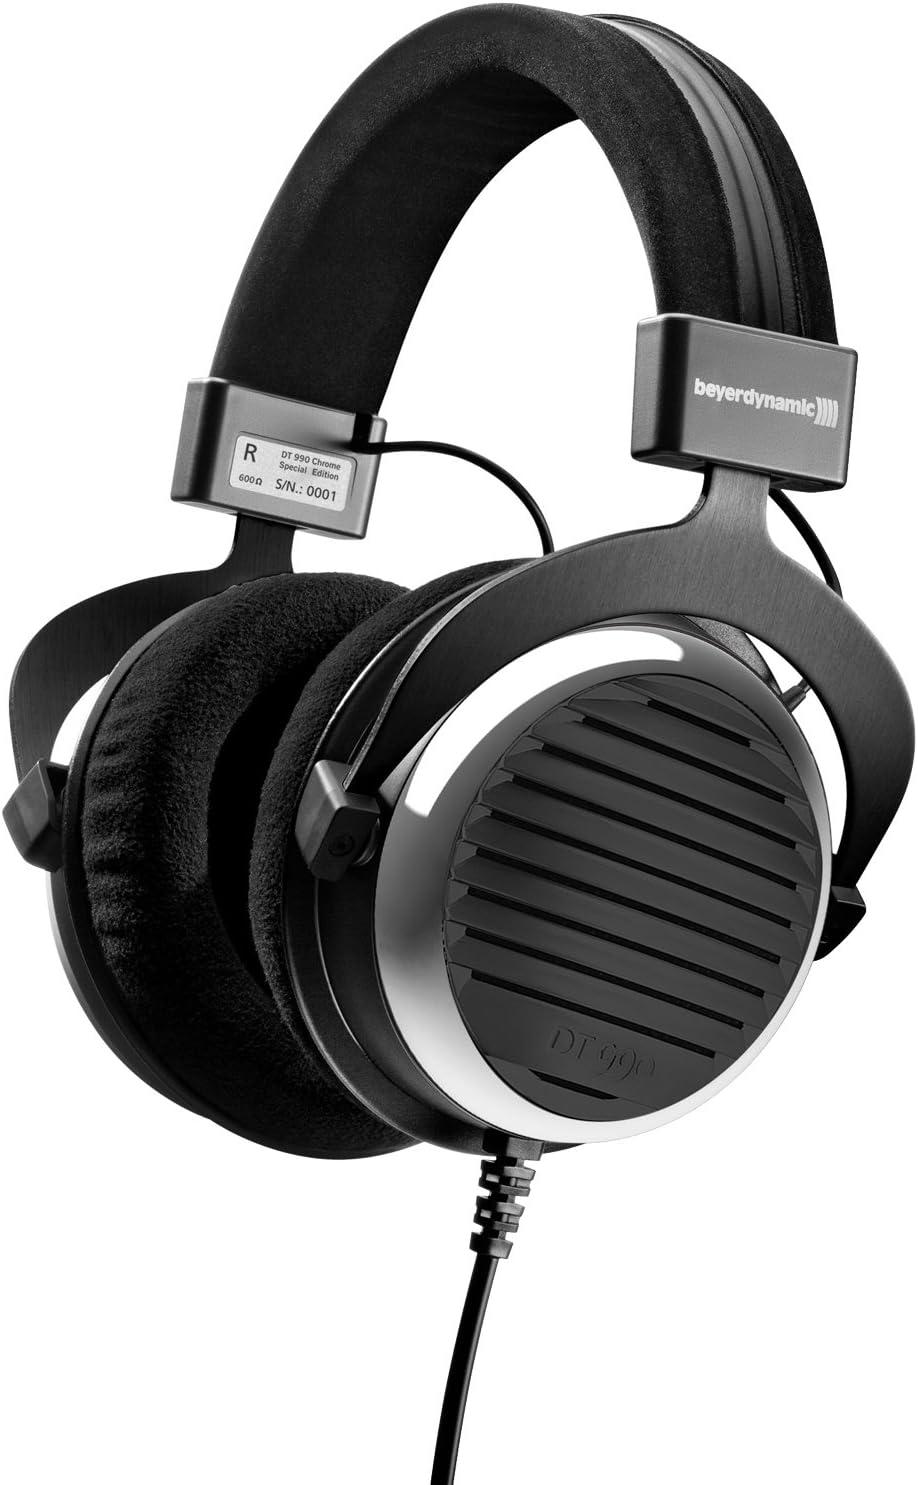 Beyerdynamic Dt 990 Premium 600 Ohm Over Ear Kopfhörer Chrom Gebürstet Limited Edition Audio Hifi